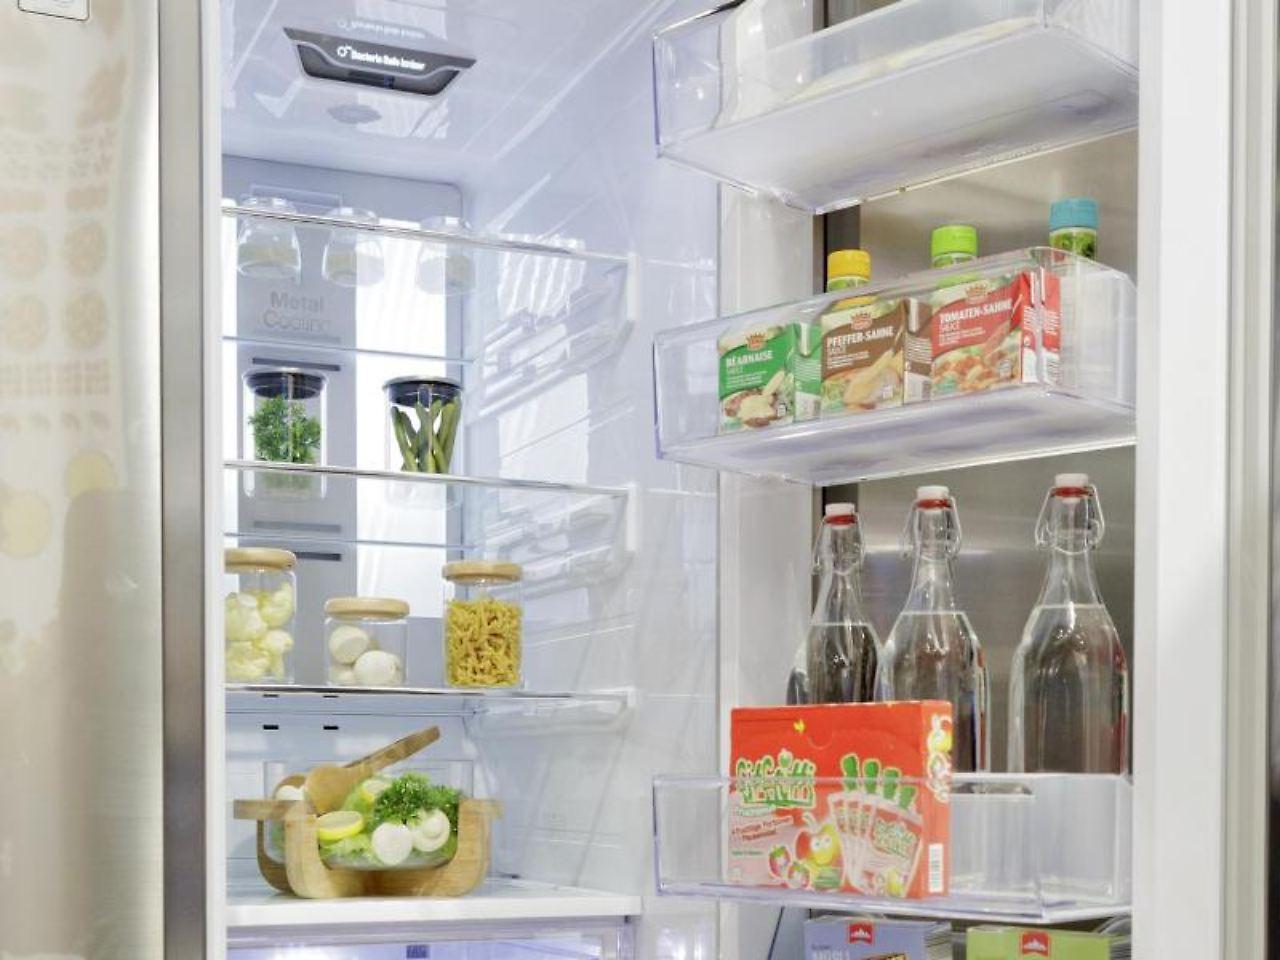 Bosch Kühlschrank Zu Laut : Eiskalt und eisfrei funktionen die der neue kühlschrank braucht